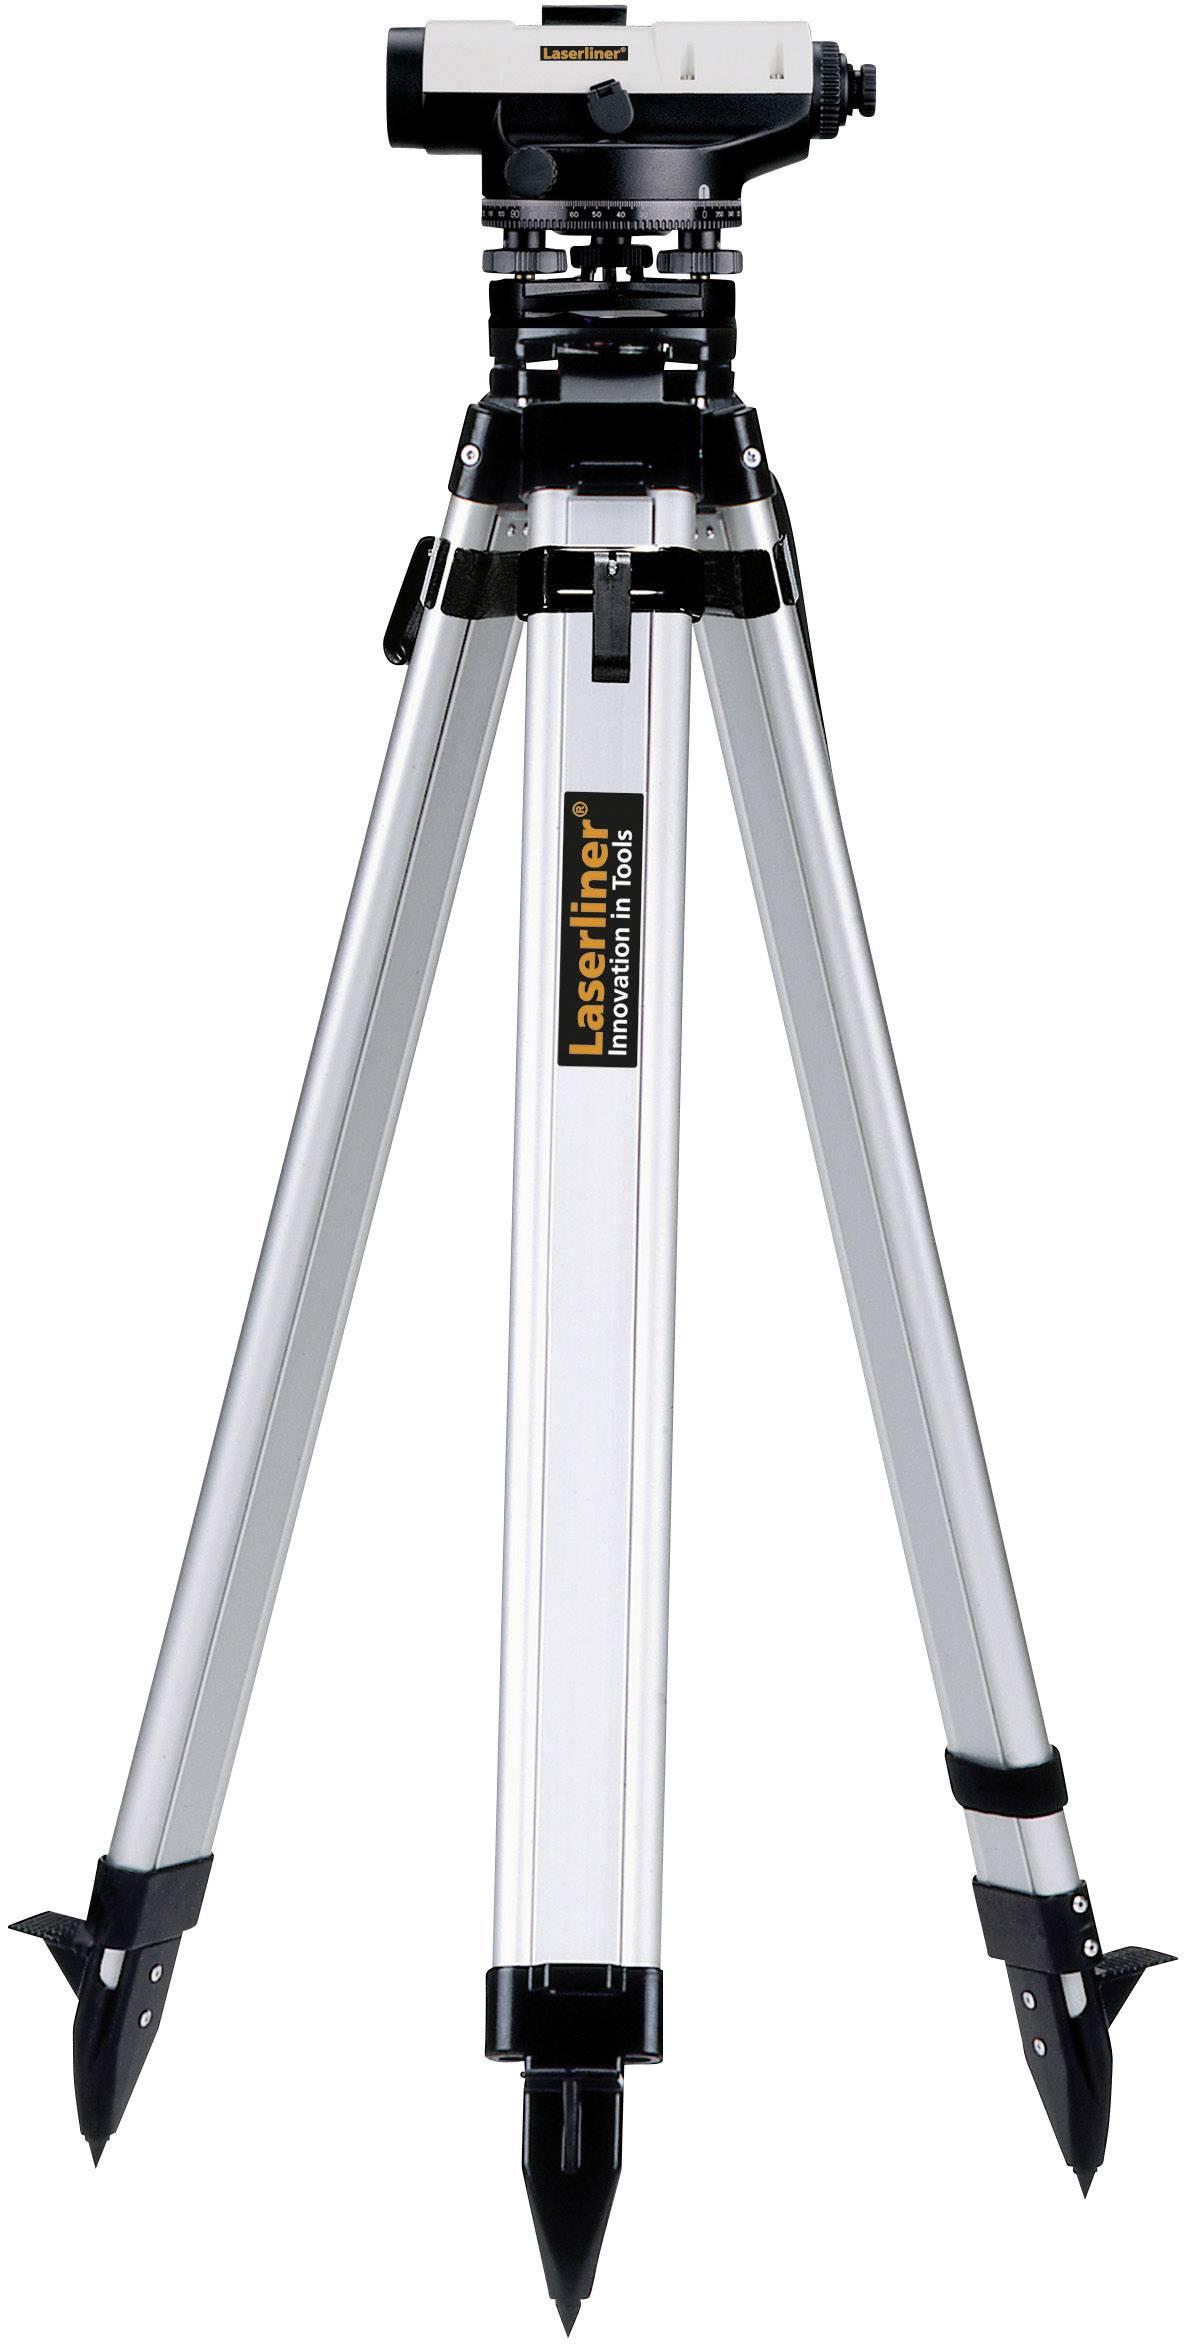 Optický nivelační přístroj vč. stativu, samonivelační Laserliner AL 22 Classic-Set, optické zvětšení 22 x, Kalibrováno dle: bez certifikátu